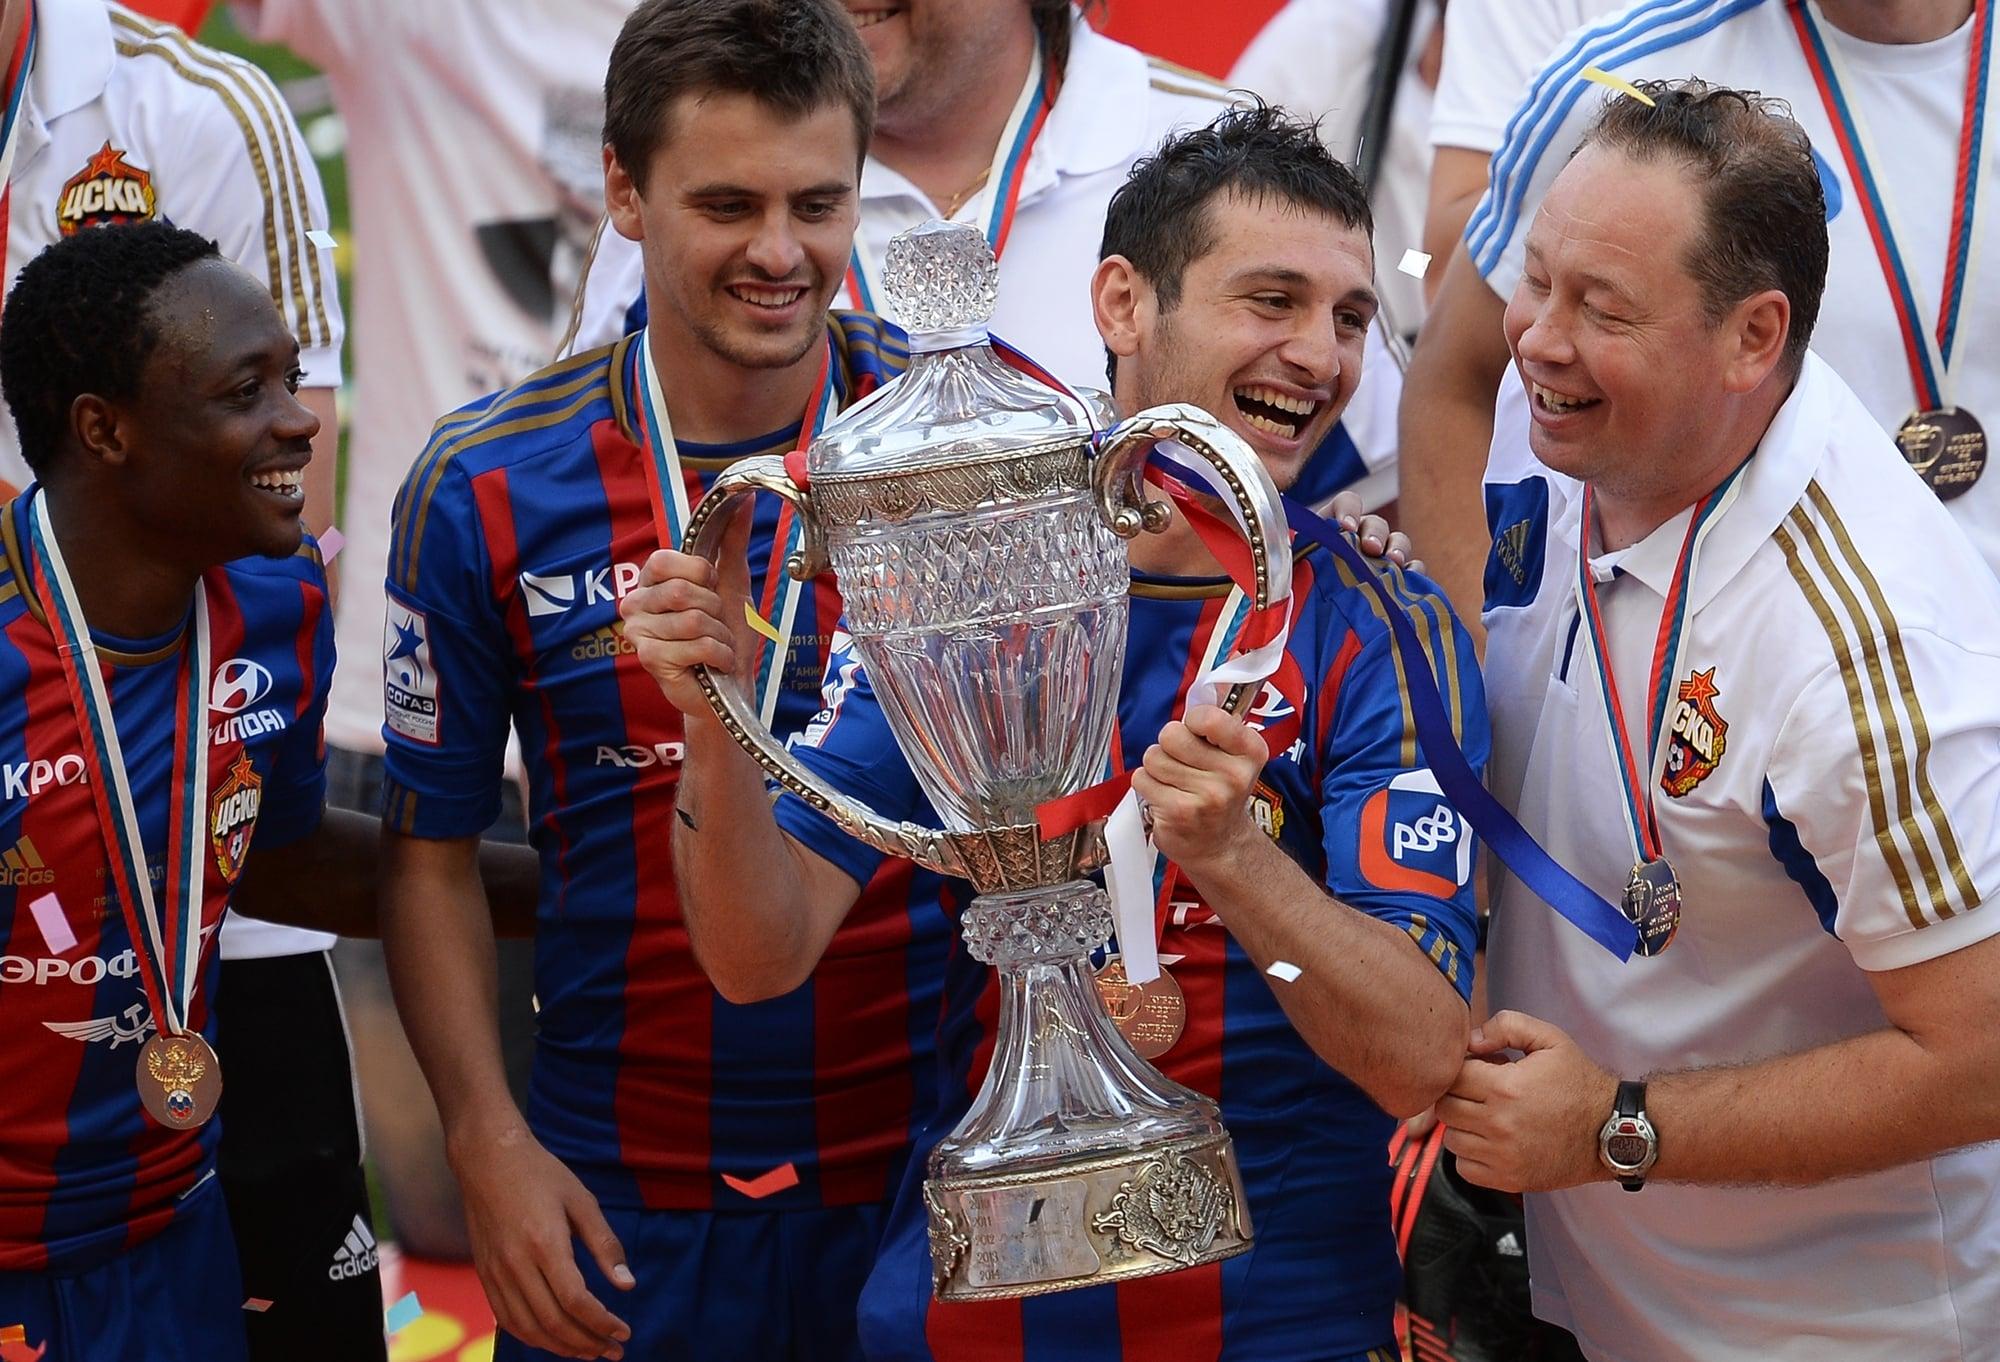 Ровно 20 лет назад Евгений Гинер стал президентом ЦСКА. Вспоминаем, что навыигрывал клуб с 2001 года!